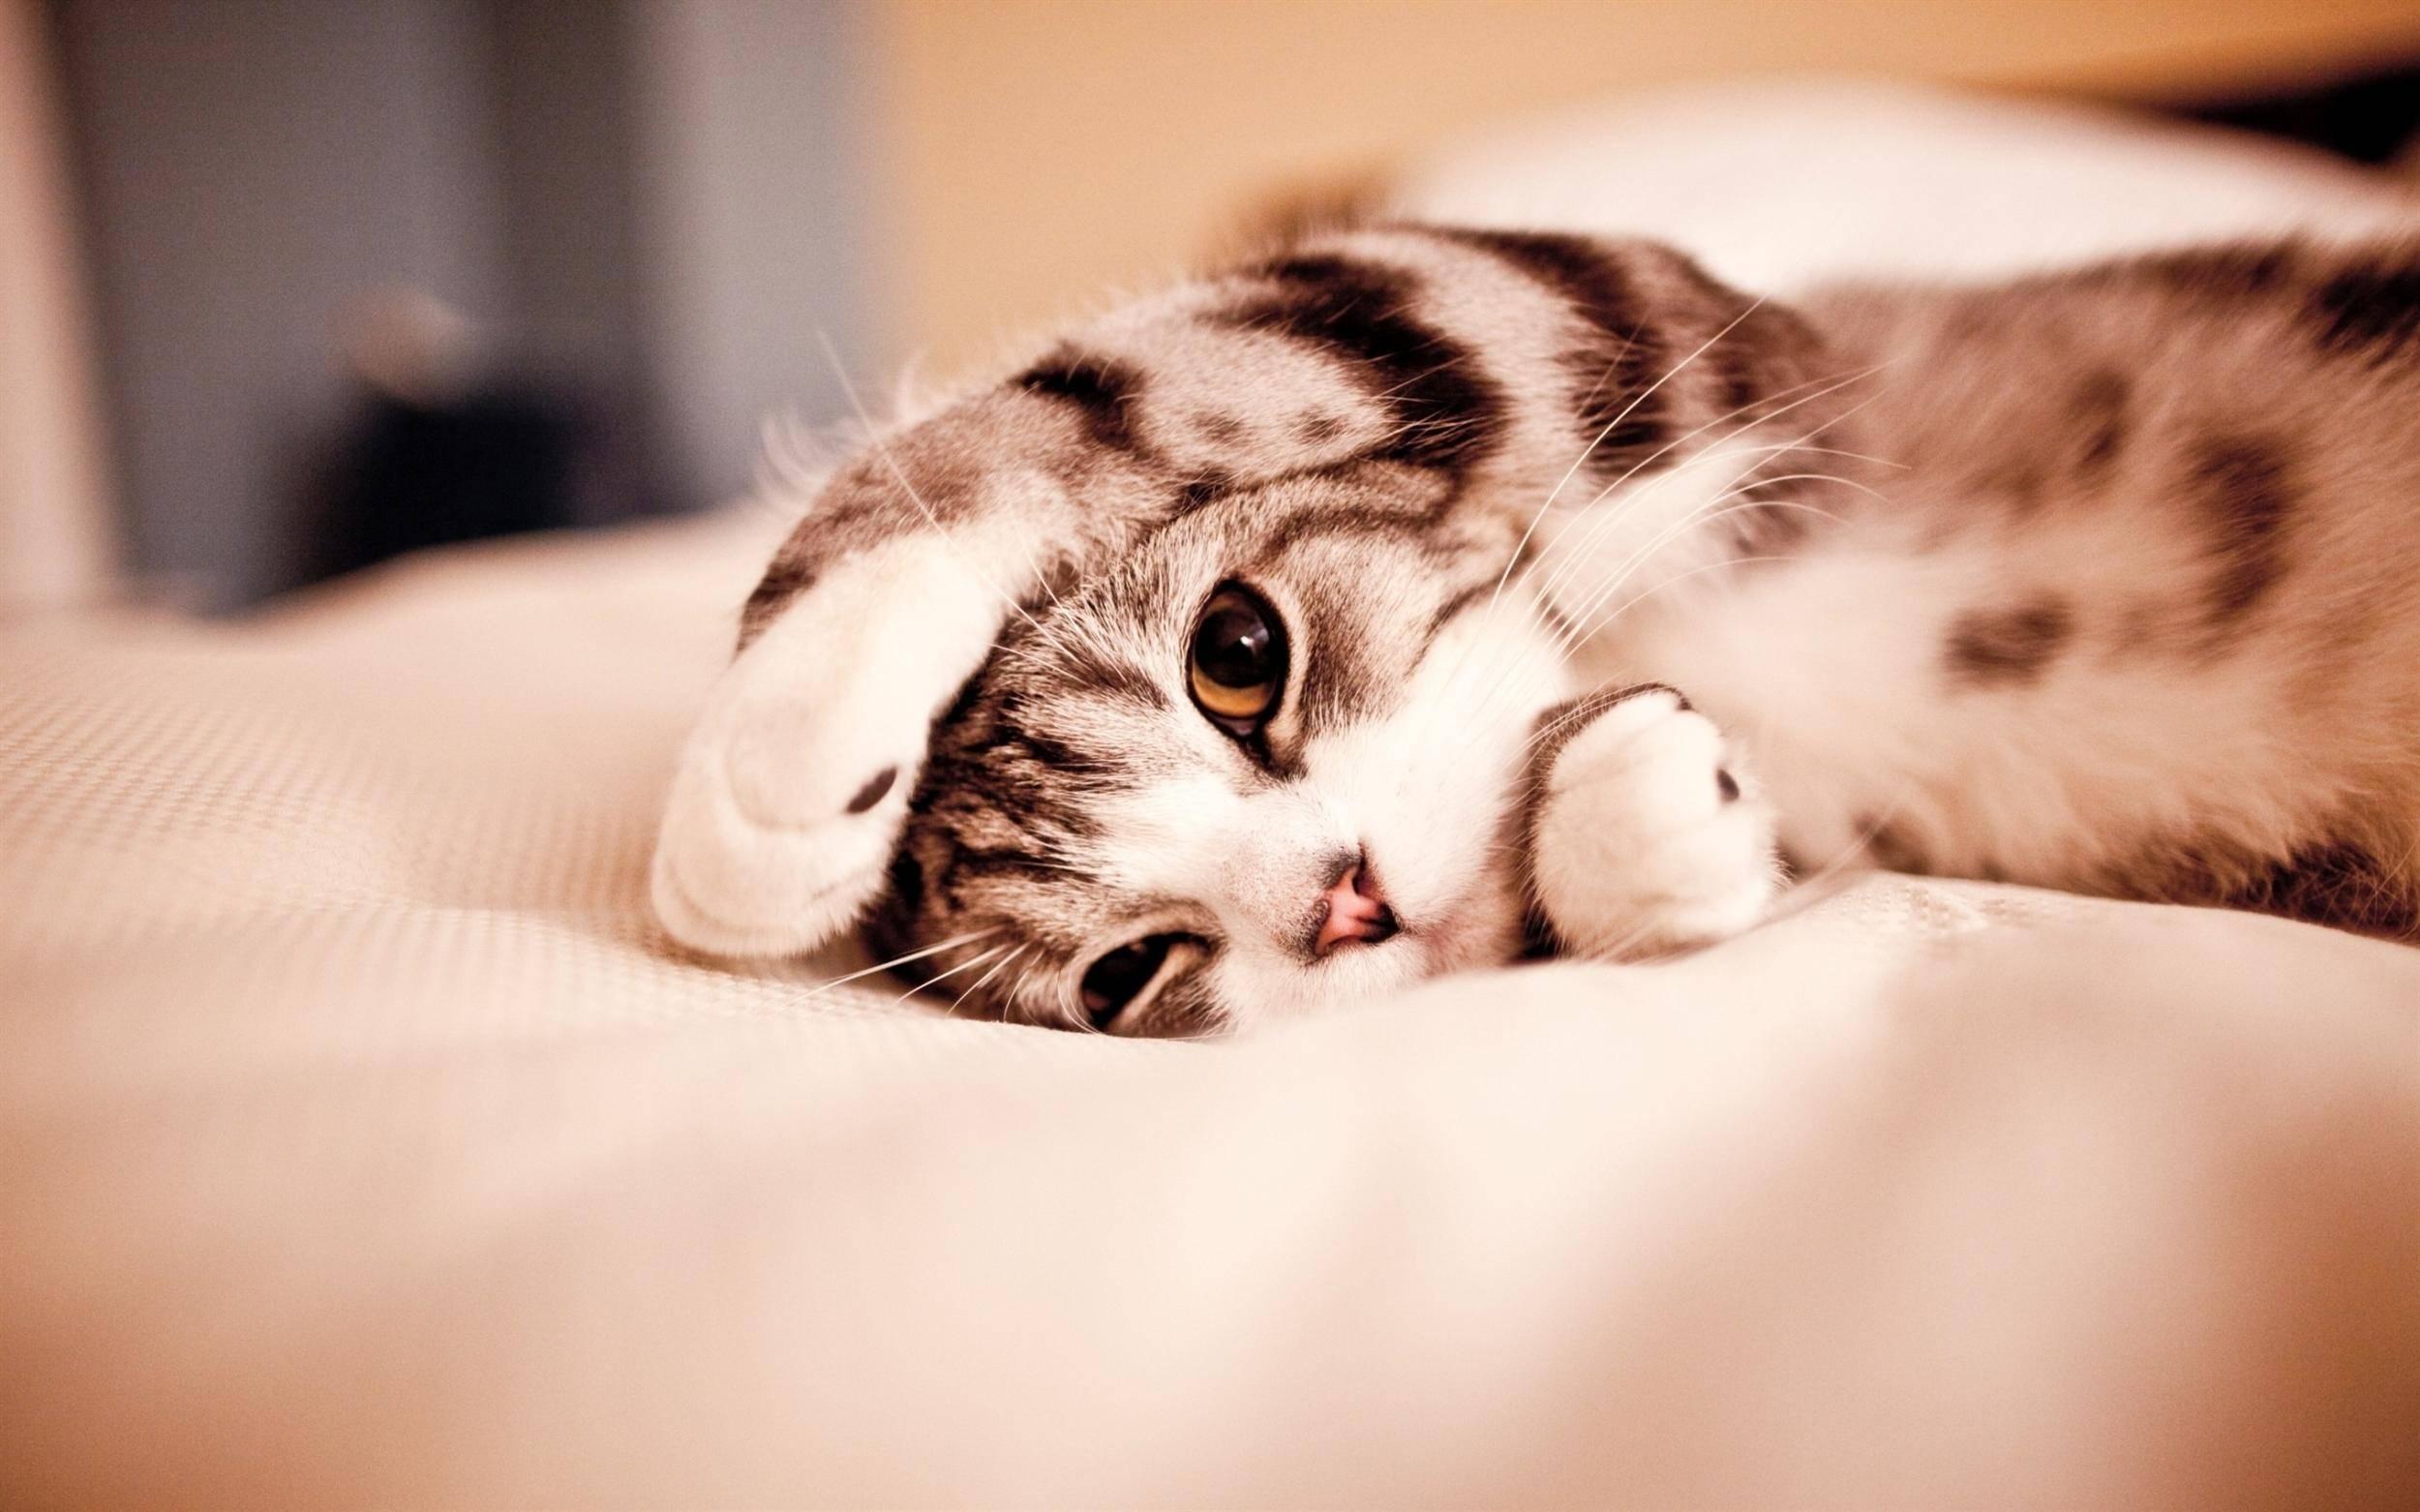 Hình nền chú mèo con dễ thương cho máy tính (2)